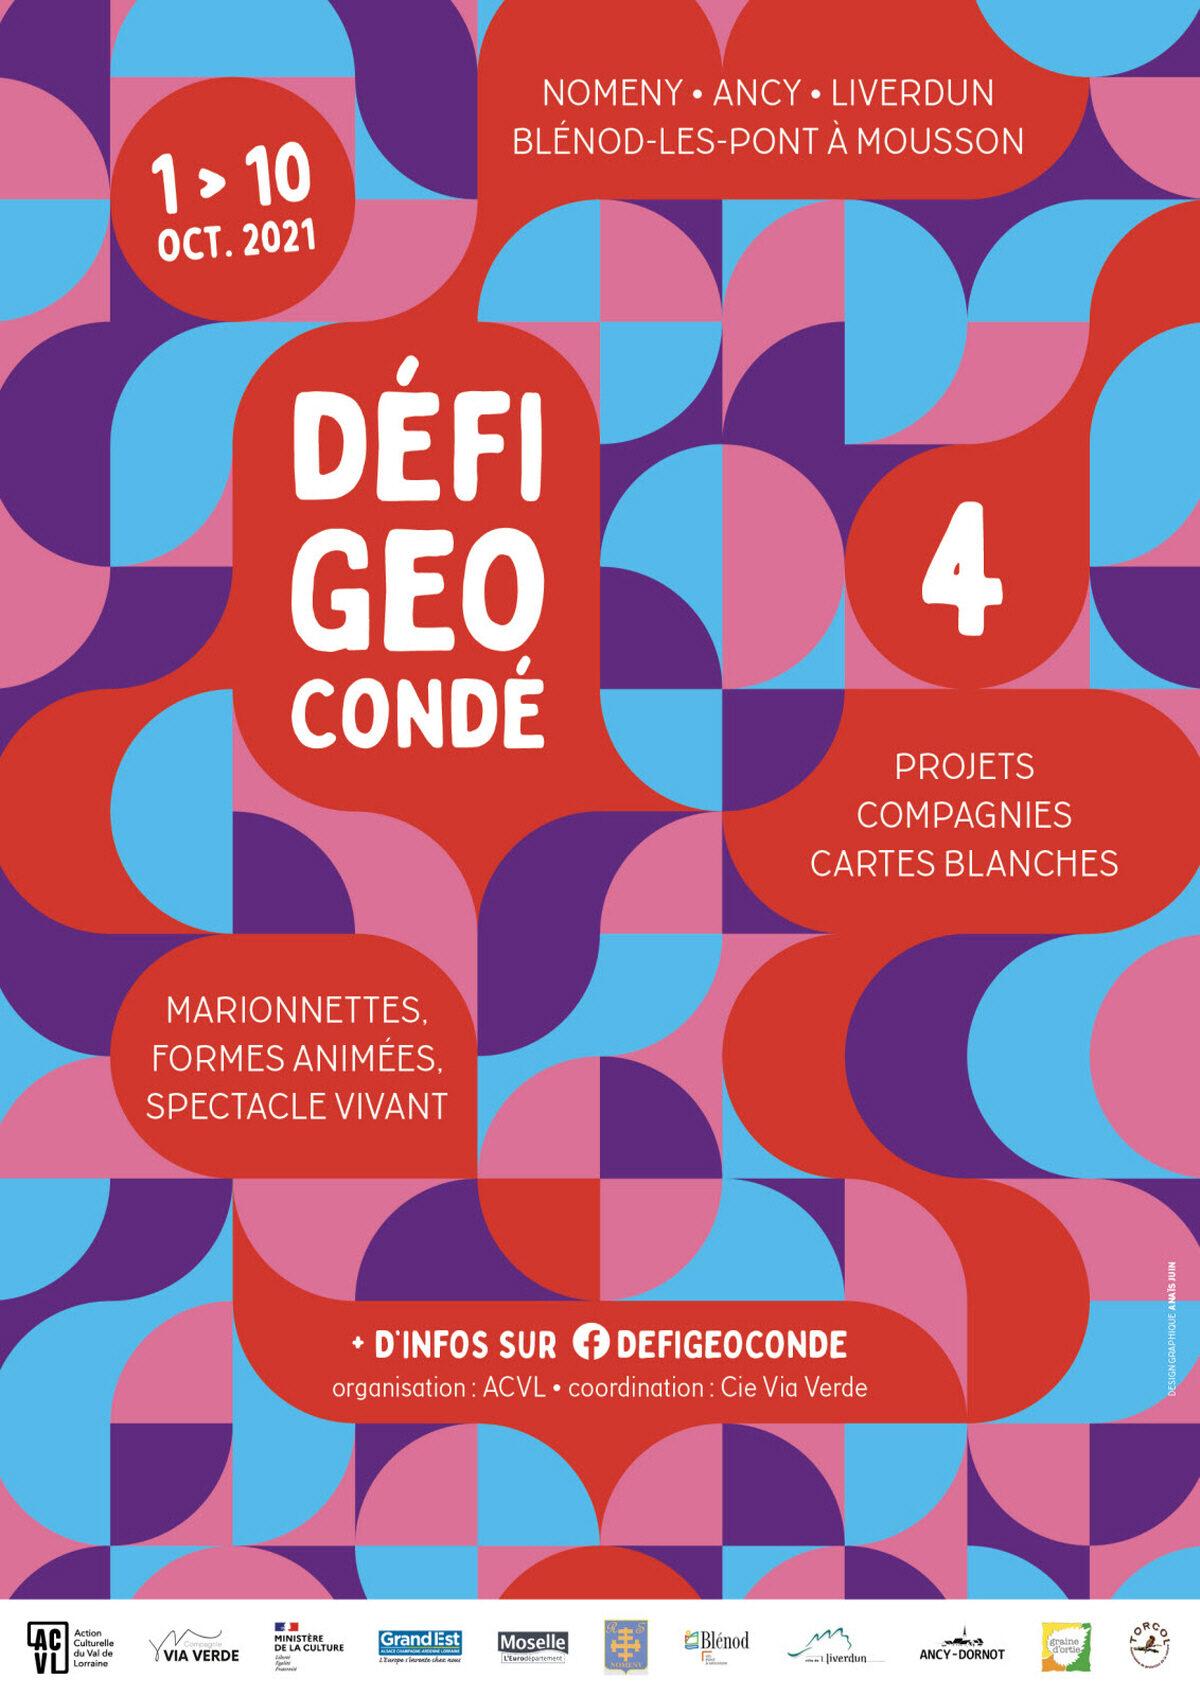 illustration-defi-geo-conde-2021-compagnie-via-verde_1-1631203858.jpg